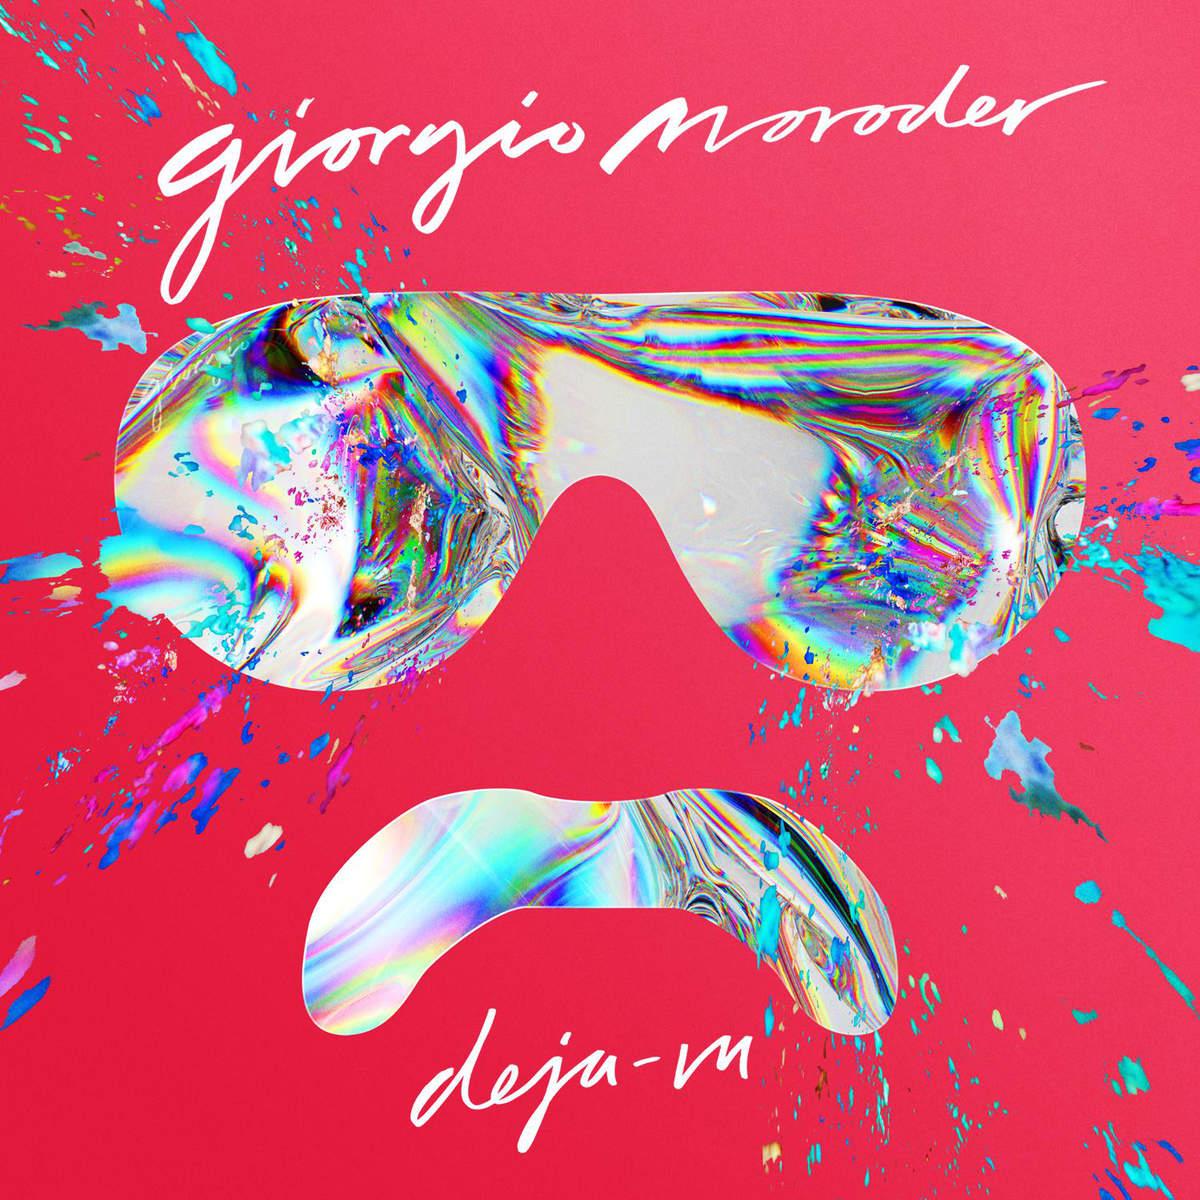 Giorgio-Moroder-Déjà-Vu-2015